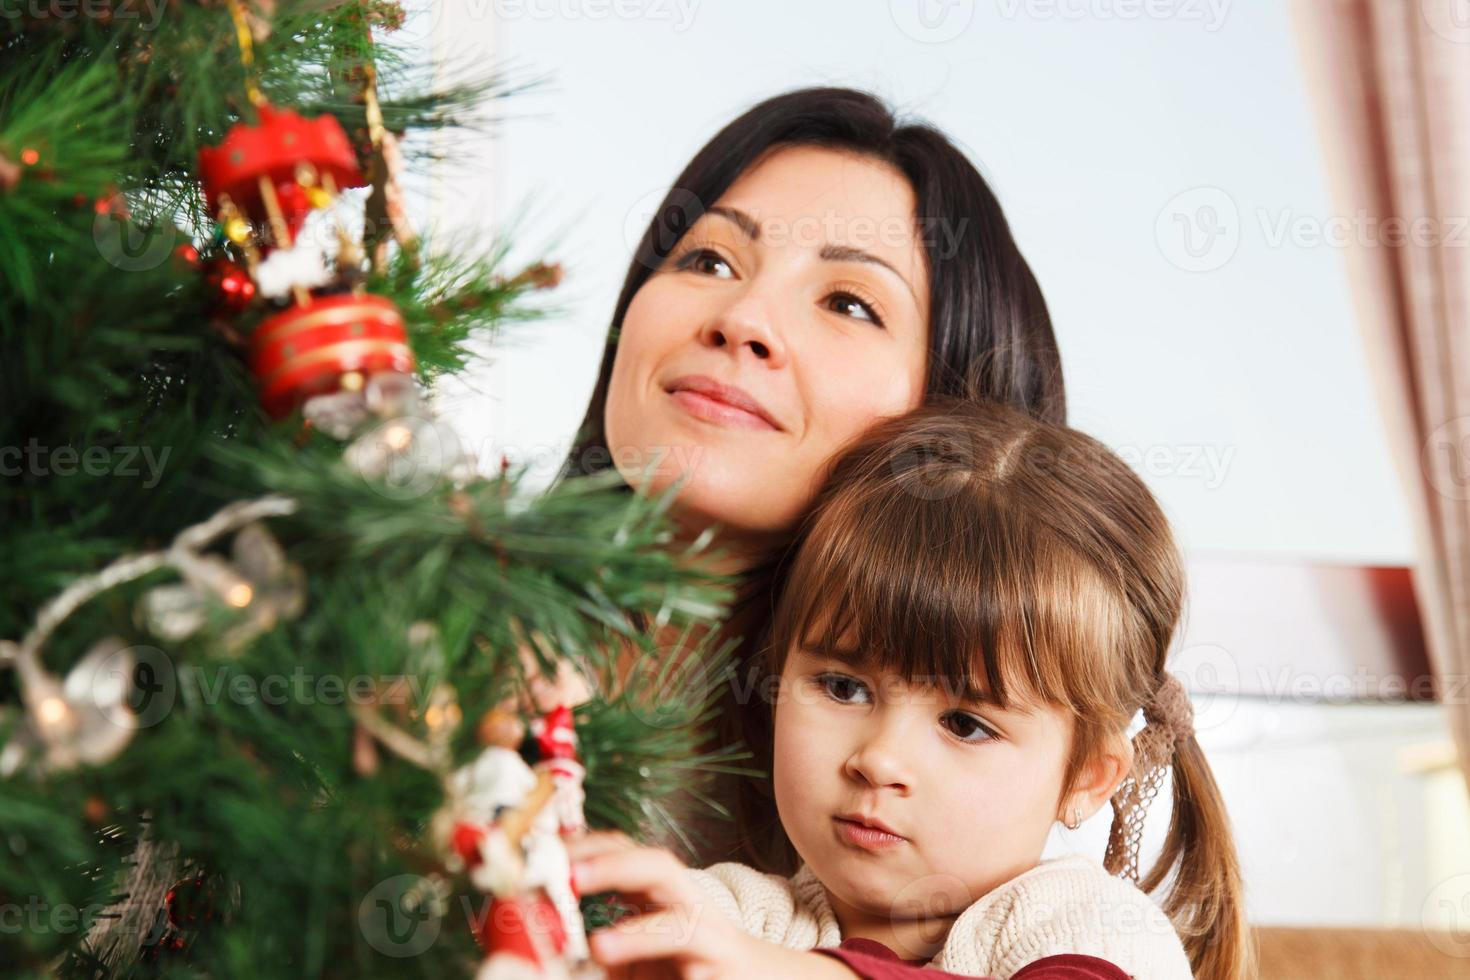 ik kijk uit naar Kerstmis - voorraadbeeld foto